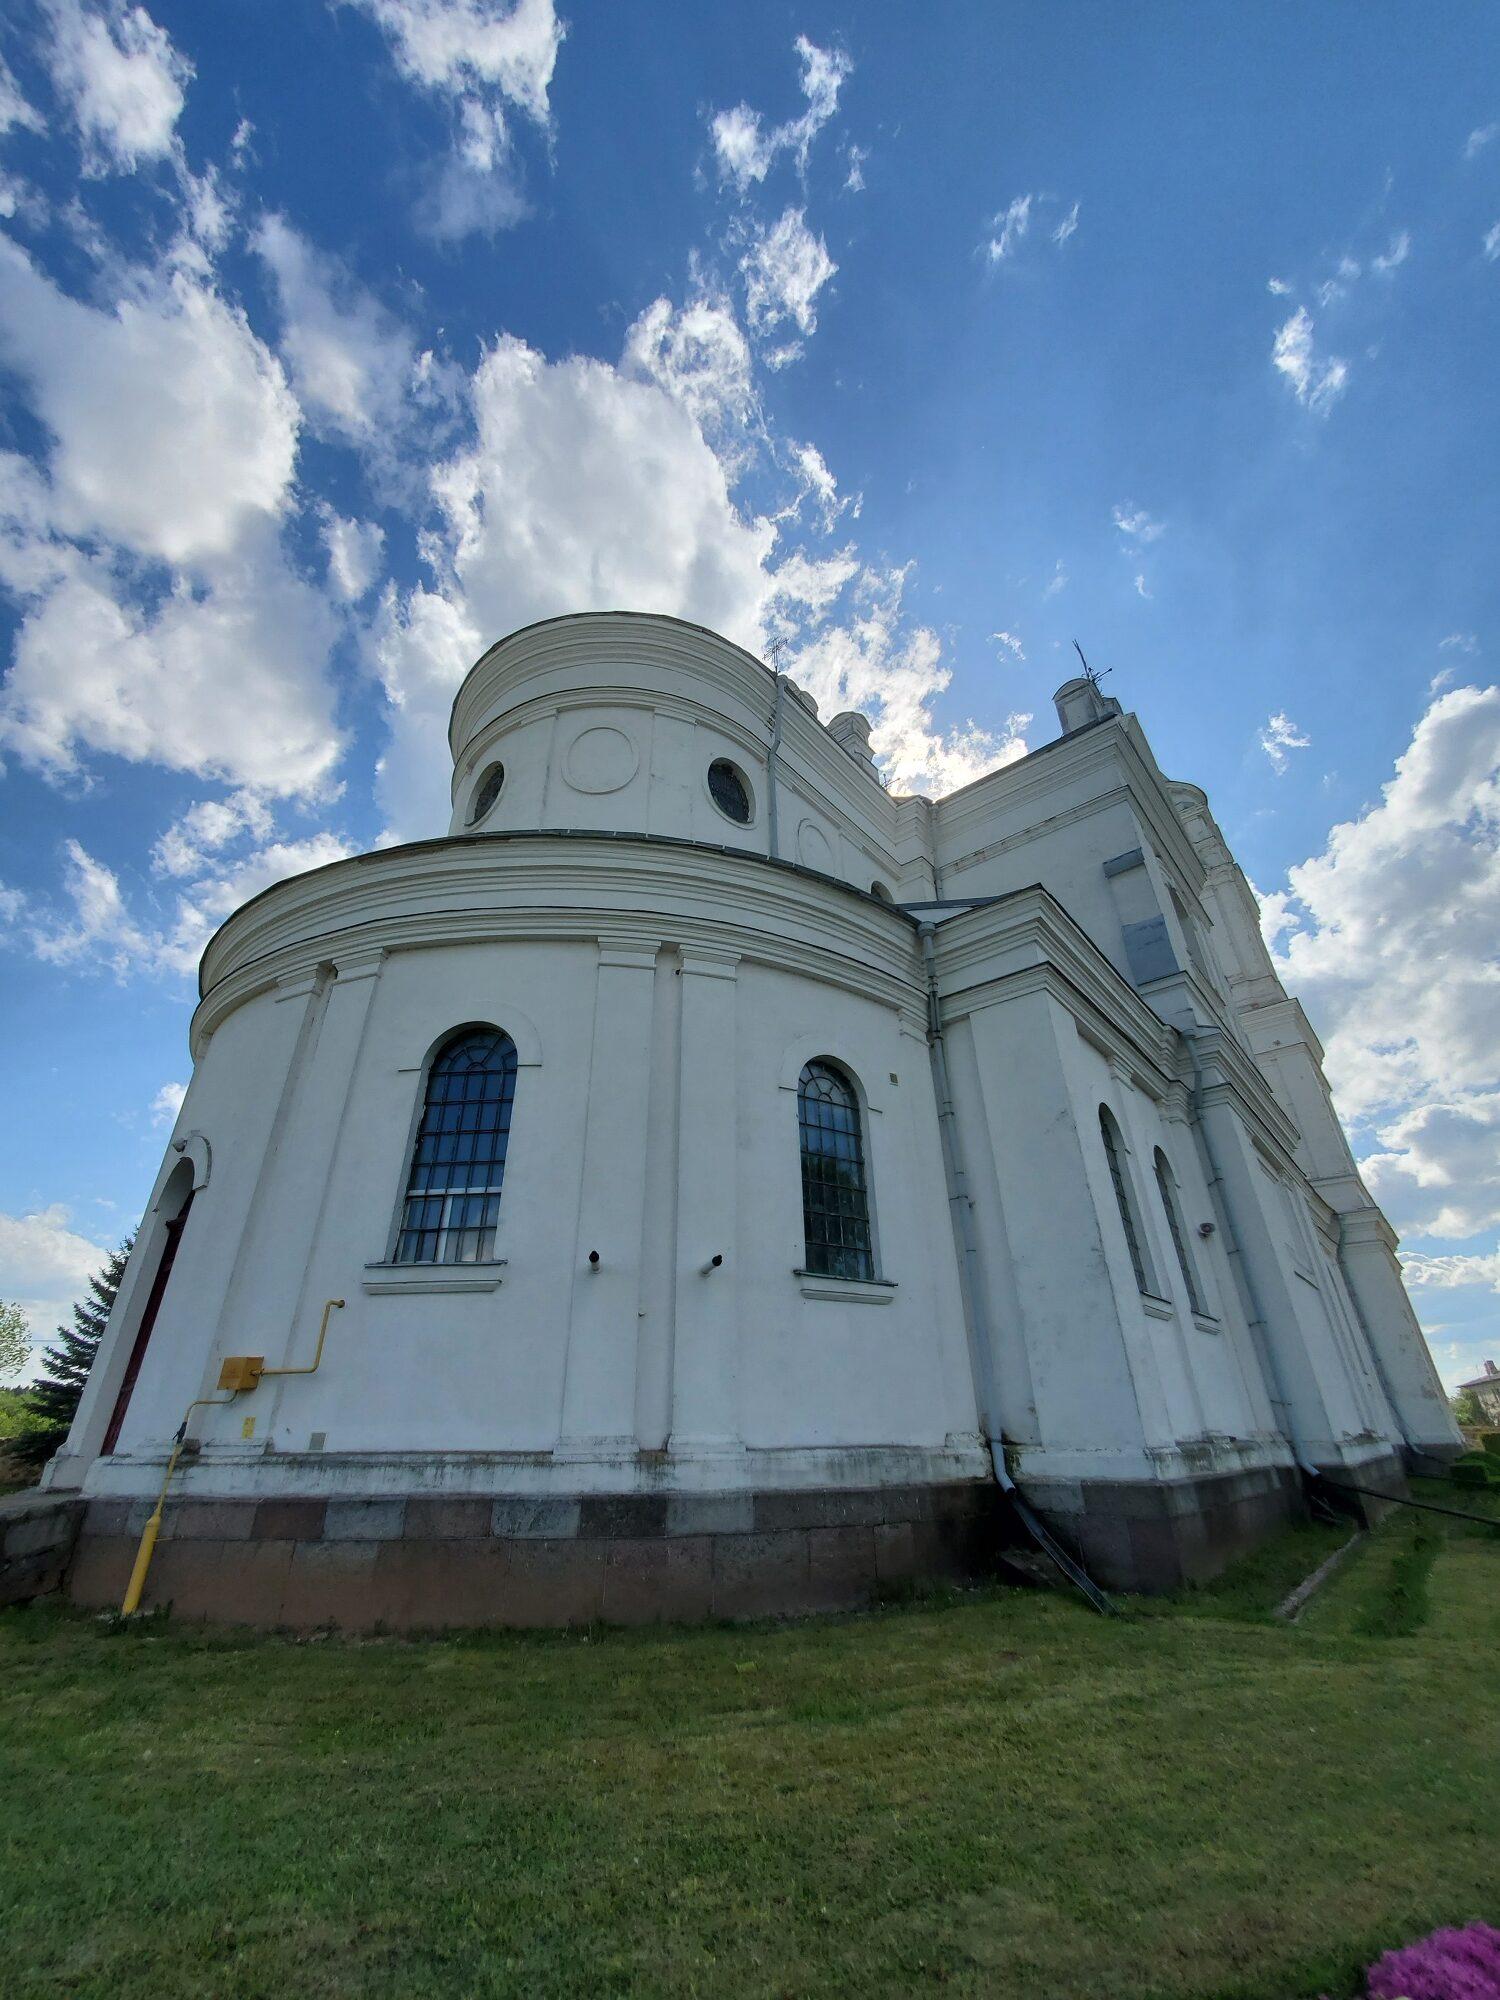 20200606 165001 rotated - Костел Пресвятой Девы Марии в деревне Парафьяново